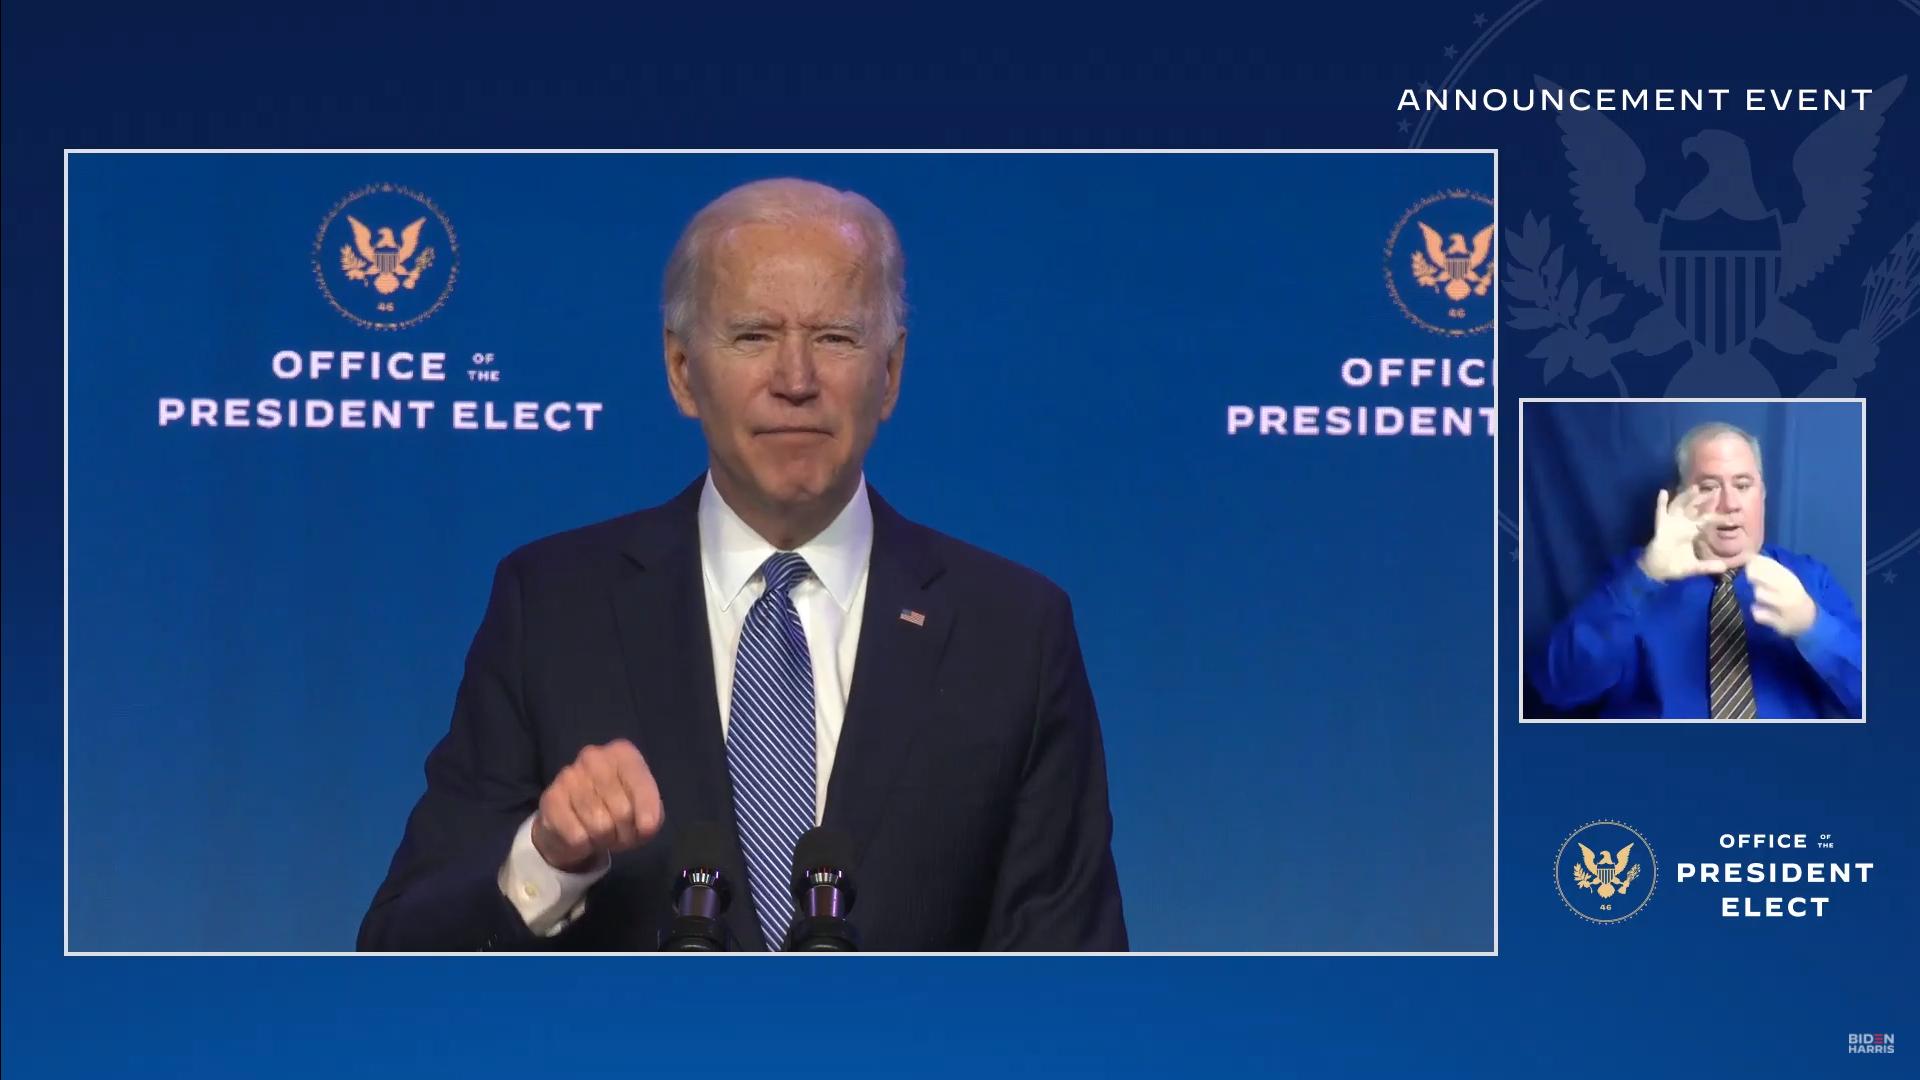 IMAGEM: Biden anuncia novo procurador-geral dos EUA